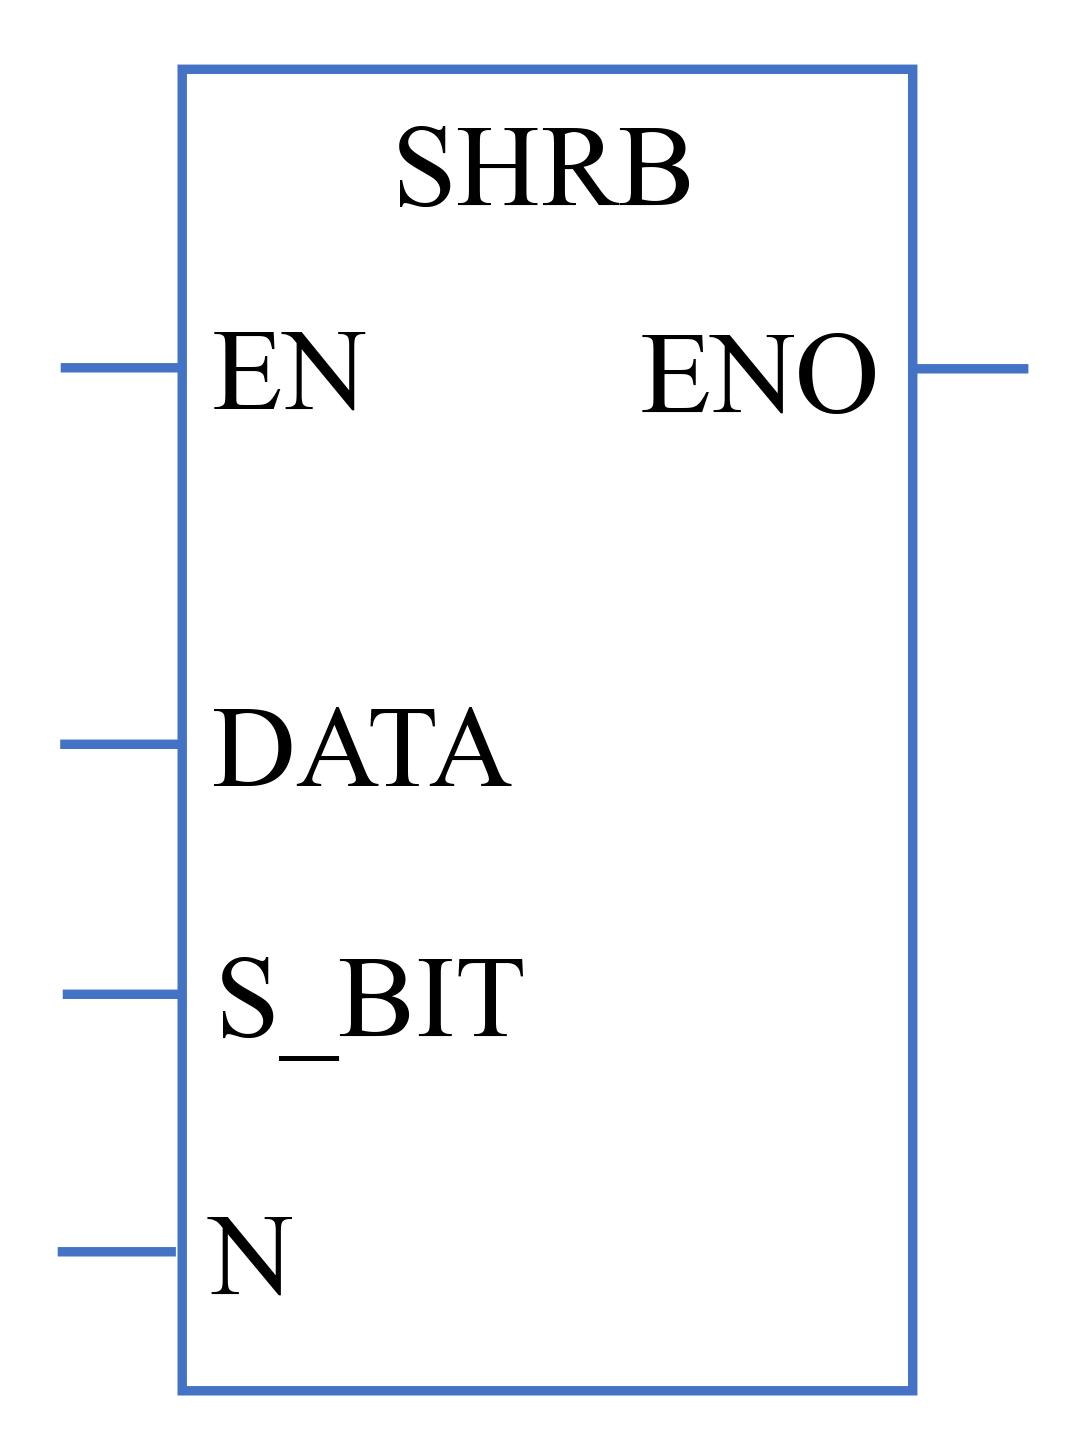 SHRB trong LAD Ladder Logic